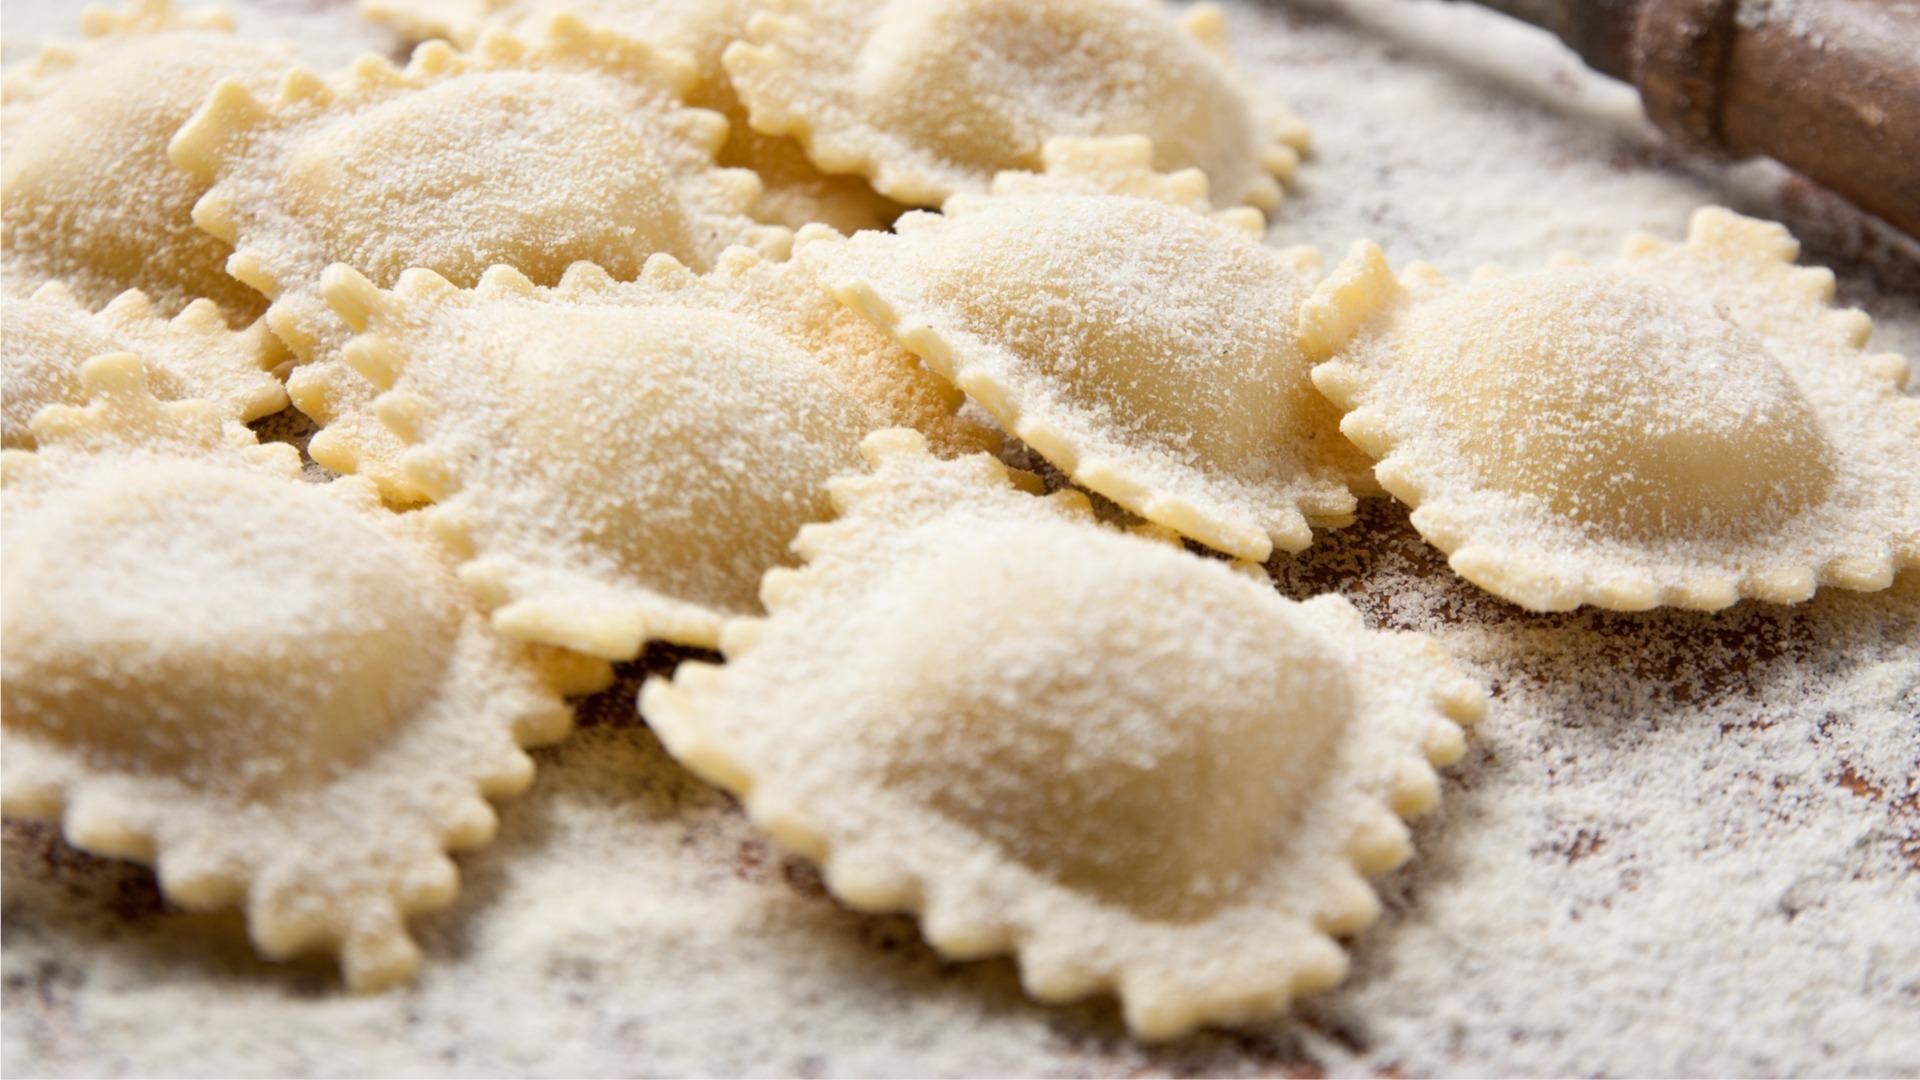 ravioli, stuffed pasta, fresh, italian